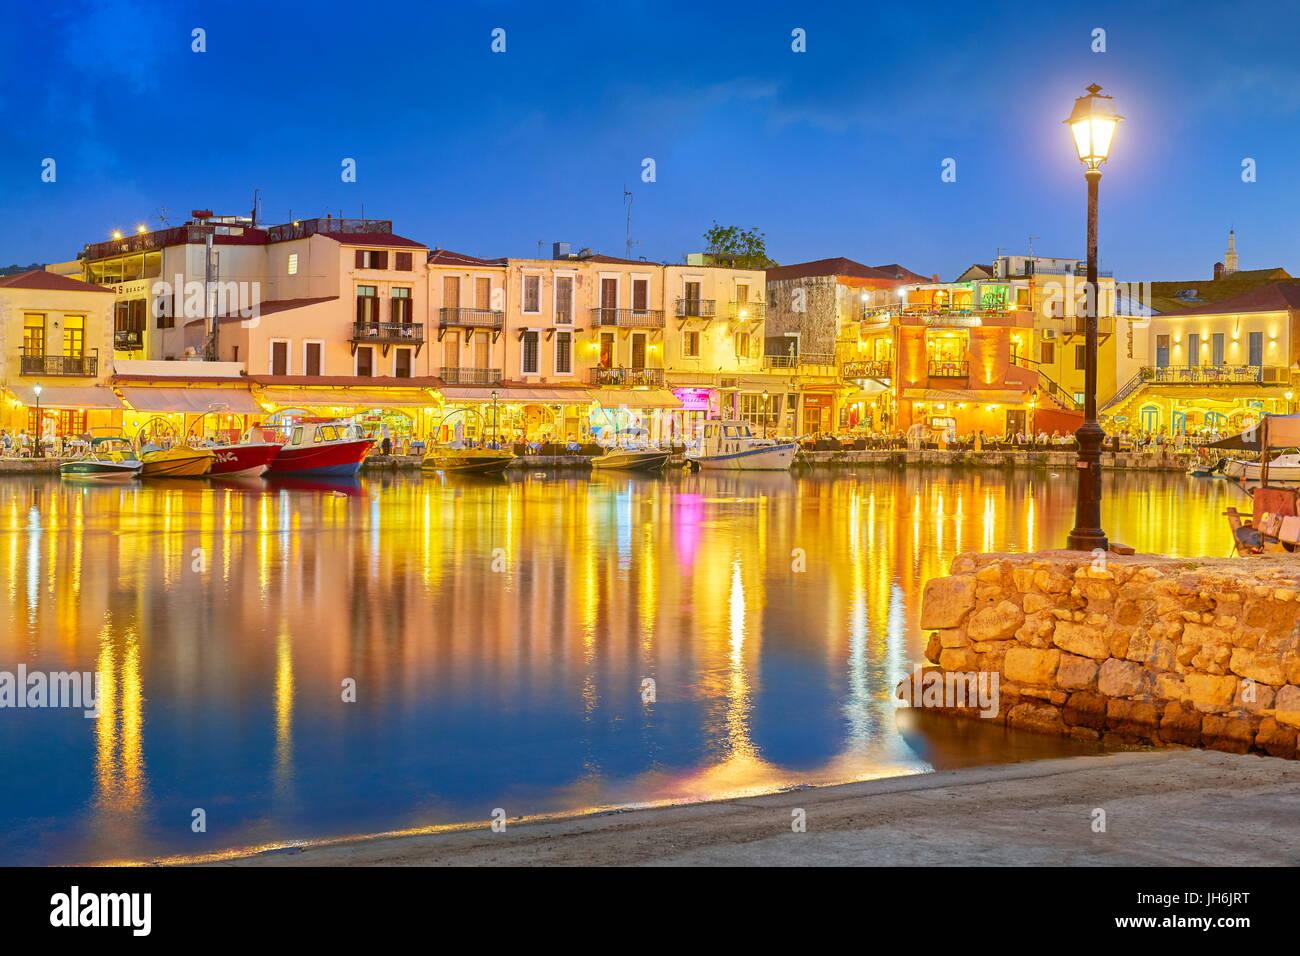 Il vecchio porto veneziano, Rethimno, Creta, Grecia Immagini Stock